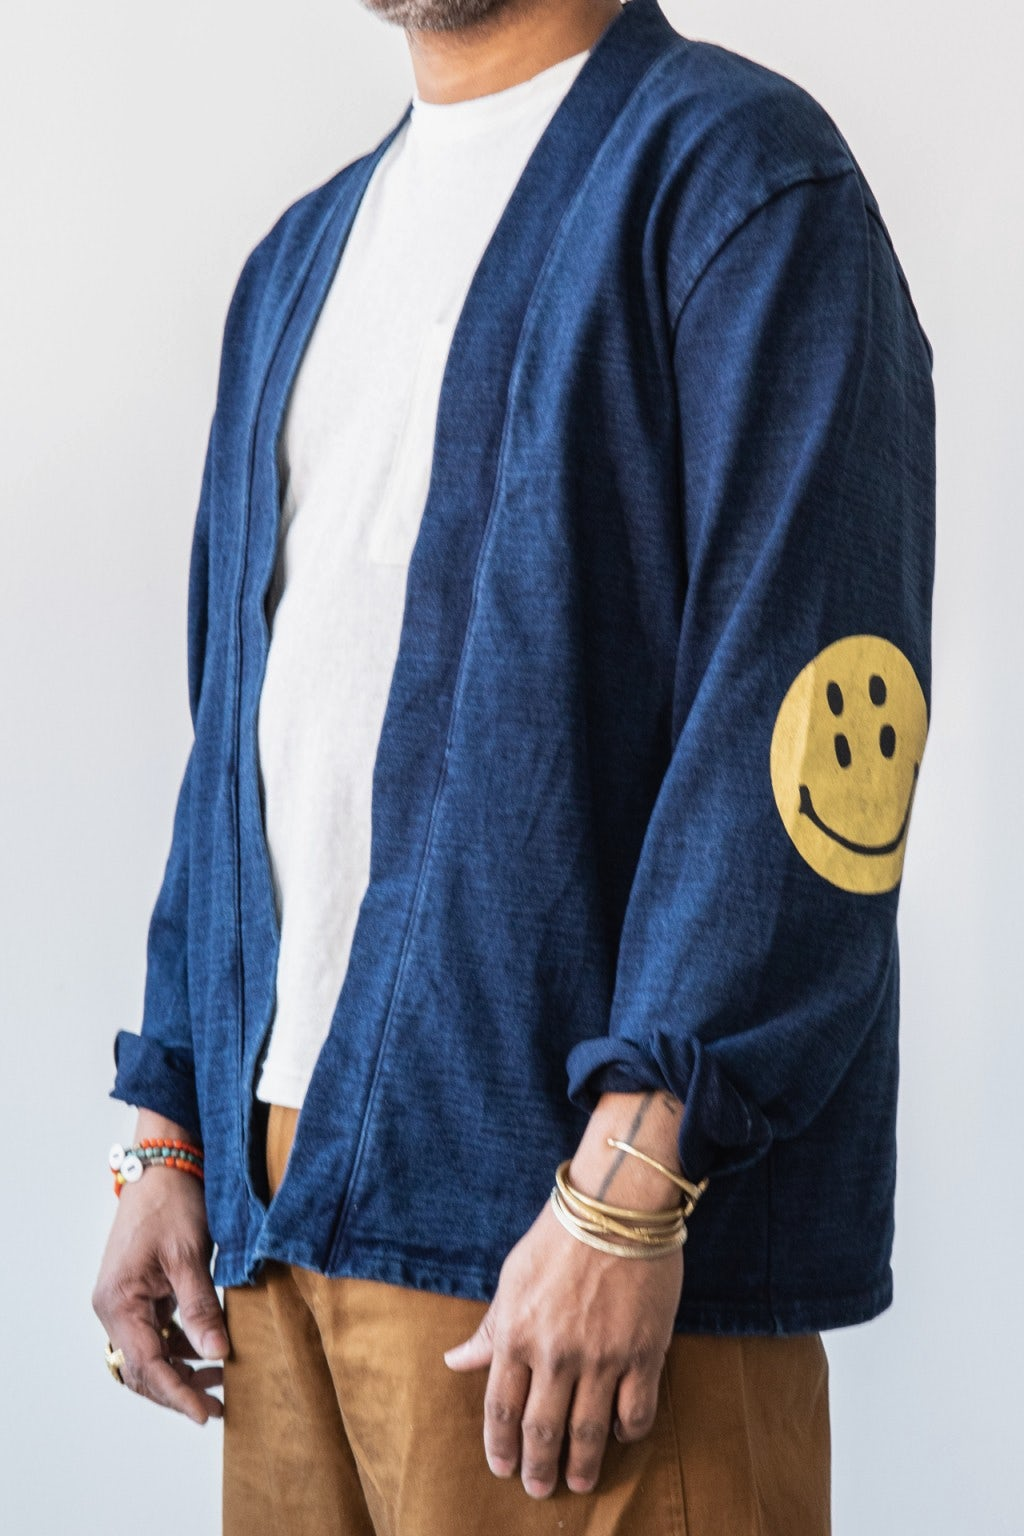 Kapital IDG Dense Jersey KAKASHI Cardigan (RAIN SMILE) Indigo